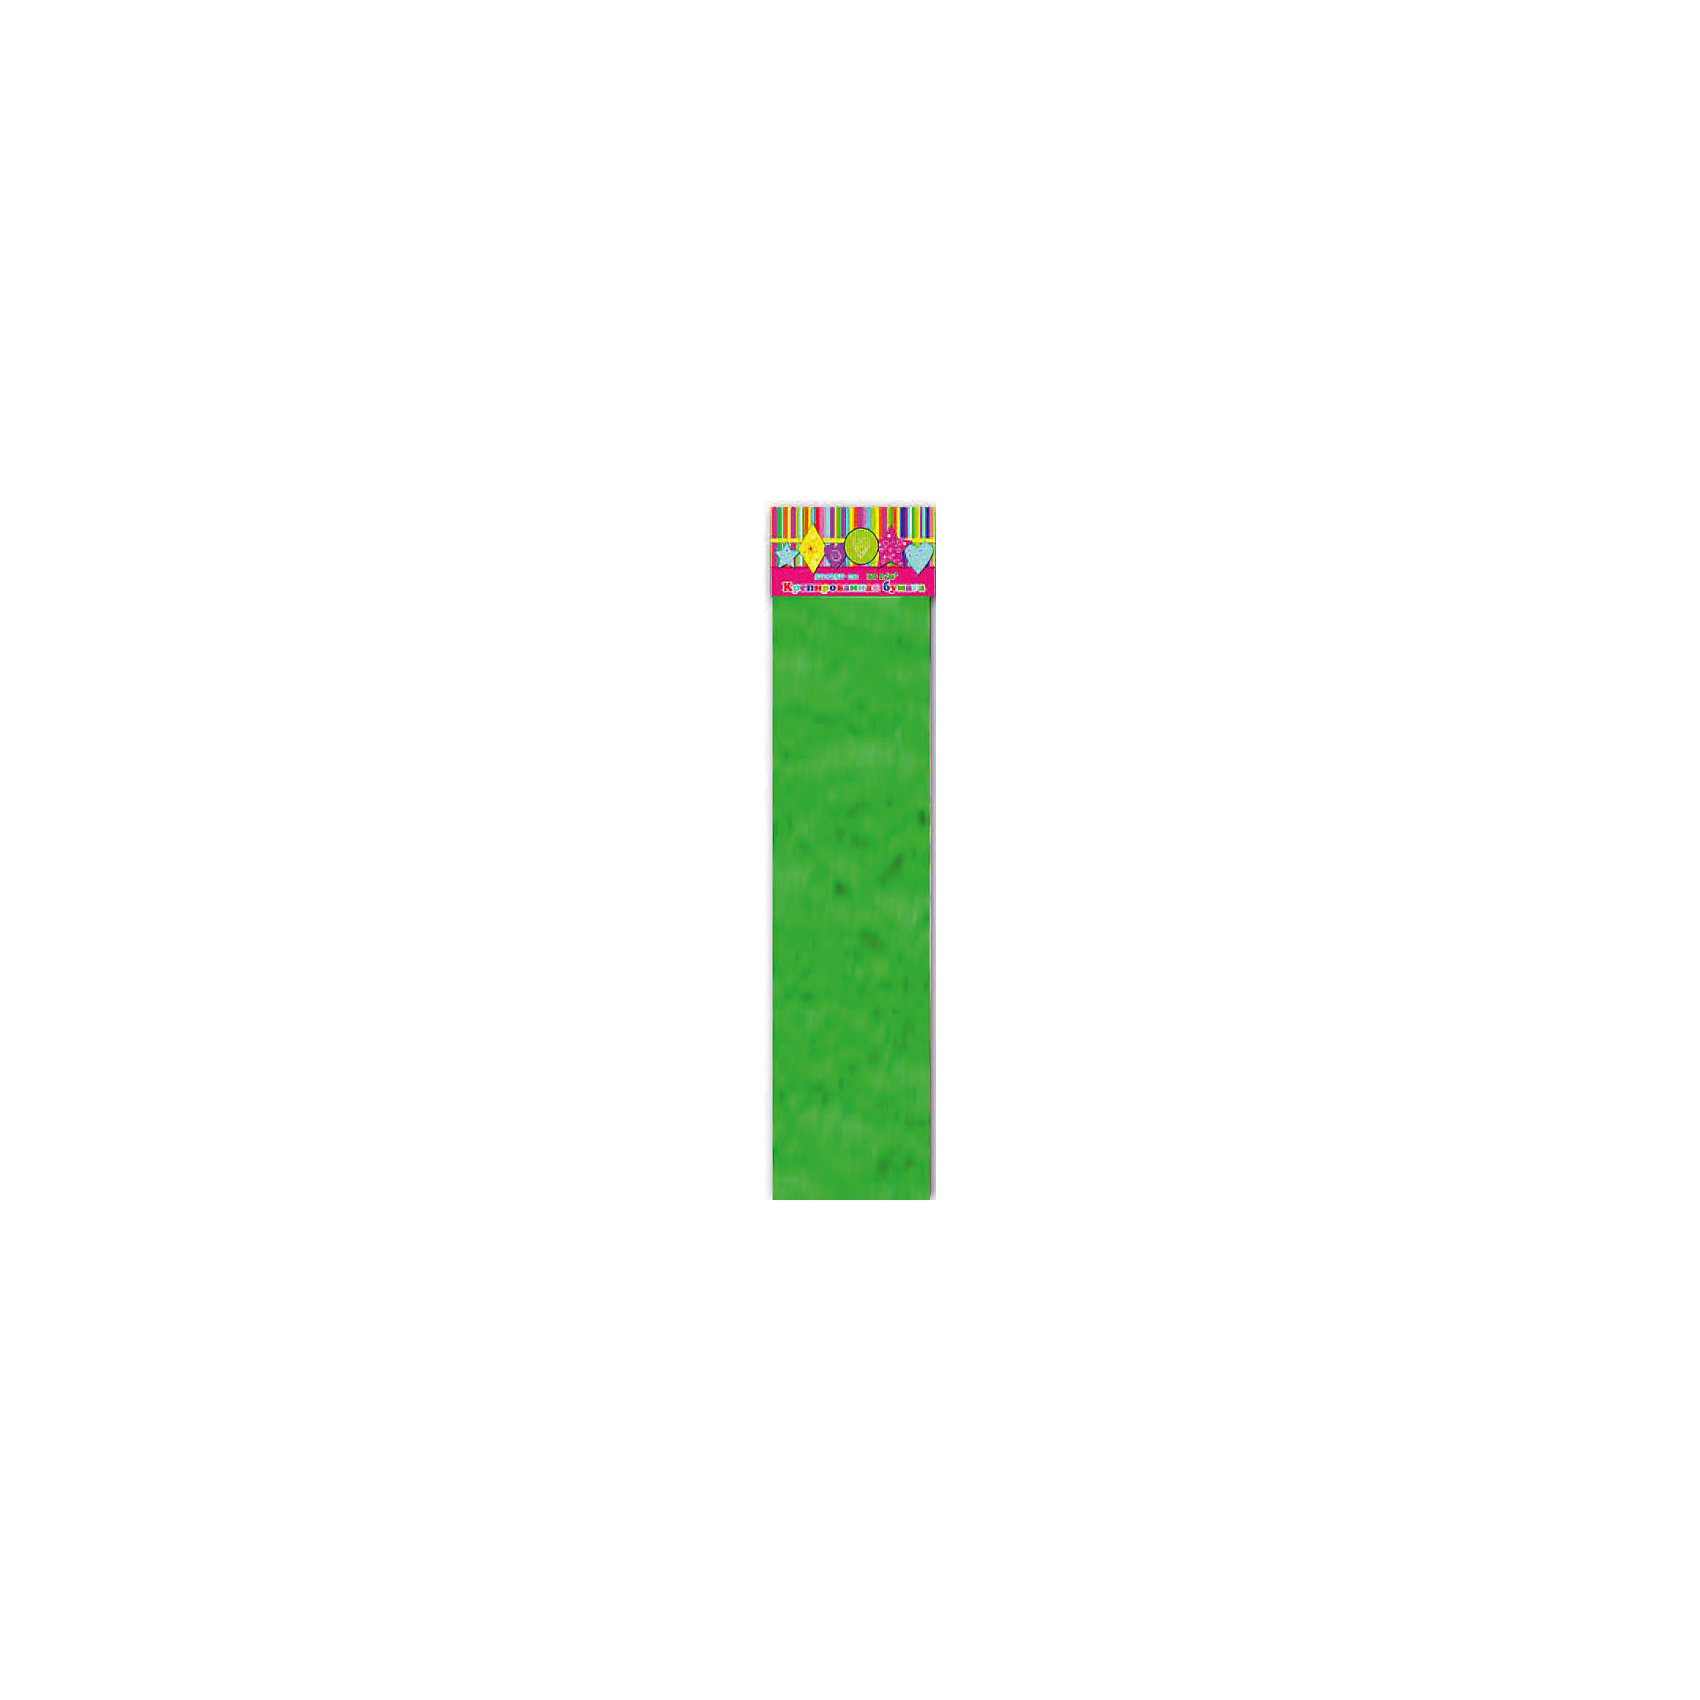 Бумага зеленая эластичная крепированнаяИзумительная крепированная бумага зеленого цвета, из нее Ваш малыш сможет сделать множество ярких цветов или другие поделки.<br><br>Дополнительная информация:<br><br>- Возраст: от 3 лет.<br>- 1 лист.<br>- Цвет: зеленый.<br>- Материал: бумага.<br>- Размеры: 50х250 см.<br>- Размер упаковки: 51х10х0,5 см.<br>- Вес в упаковке: 40 г. <br><br>Купить крепированную эластичную бумагу в зеленом цвете, можно в нашем магазине.<br><br>Ширина мм: 510<br>Глубина мм: 100<br>Высота мм: 5<br>Вес г: 40<br>Возраст от месяцев: 36<br>Возраст до месяцев: 2147483647<br>Пол: Унисекс<br>Возраст: Детский<br>SKU: 4943532